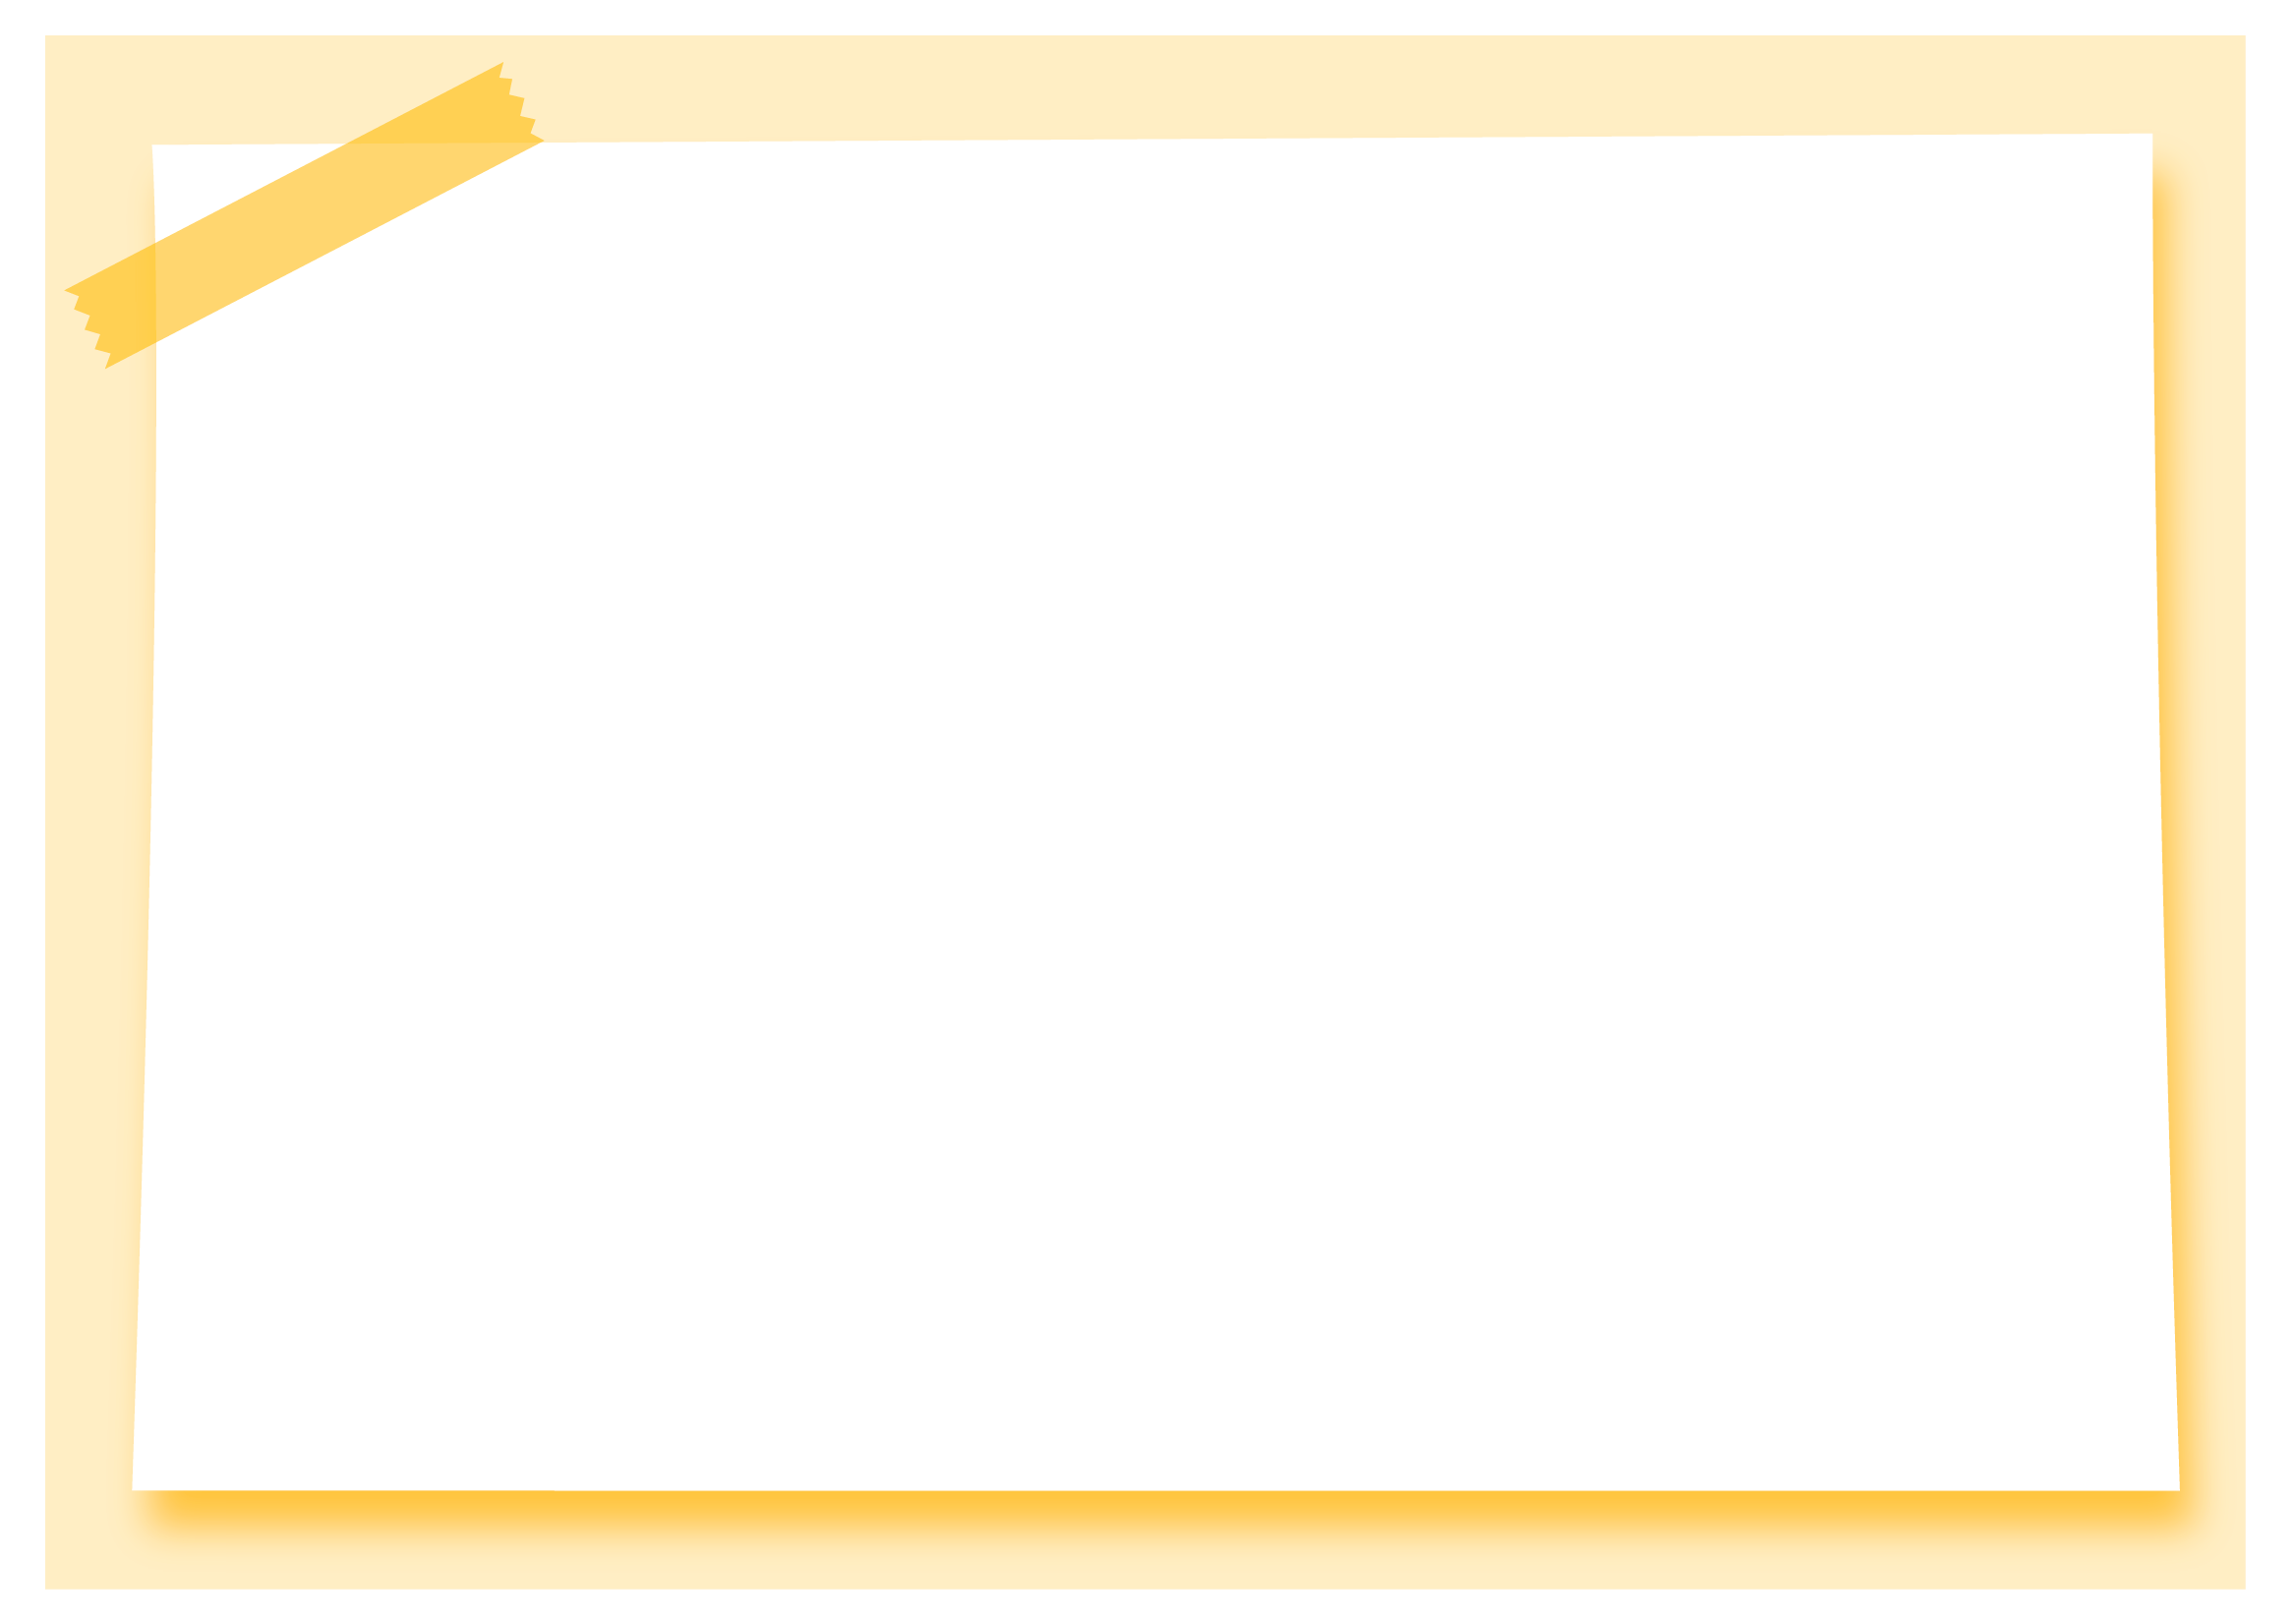 メッセージカード枠 Word等 挿入用 テンプレート イラスト